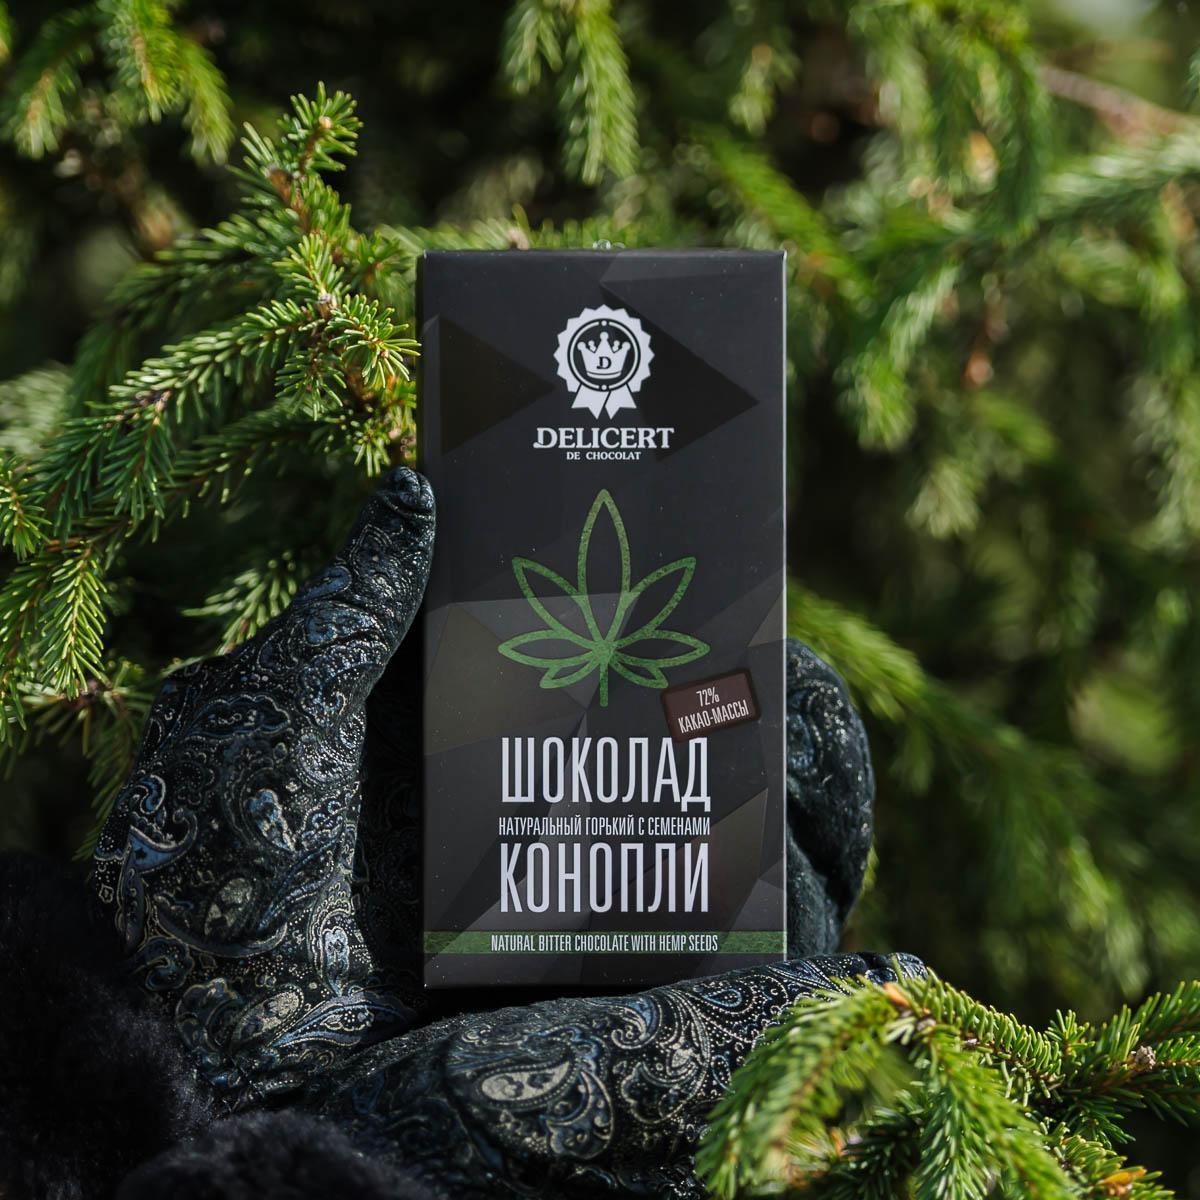 Купить шоколад с коноплей марихуана чуйская